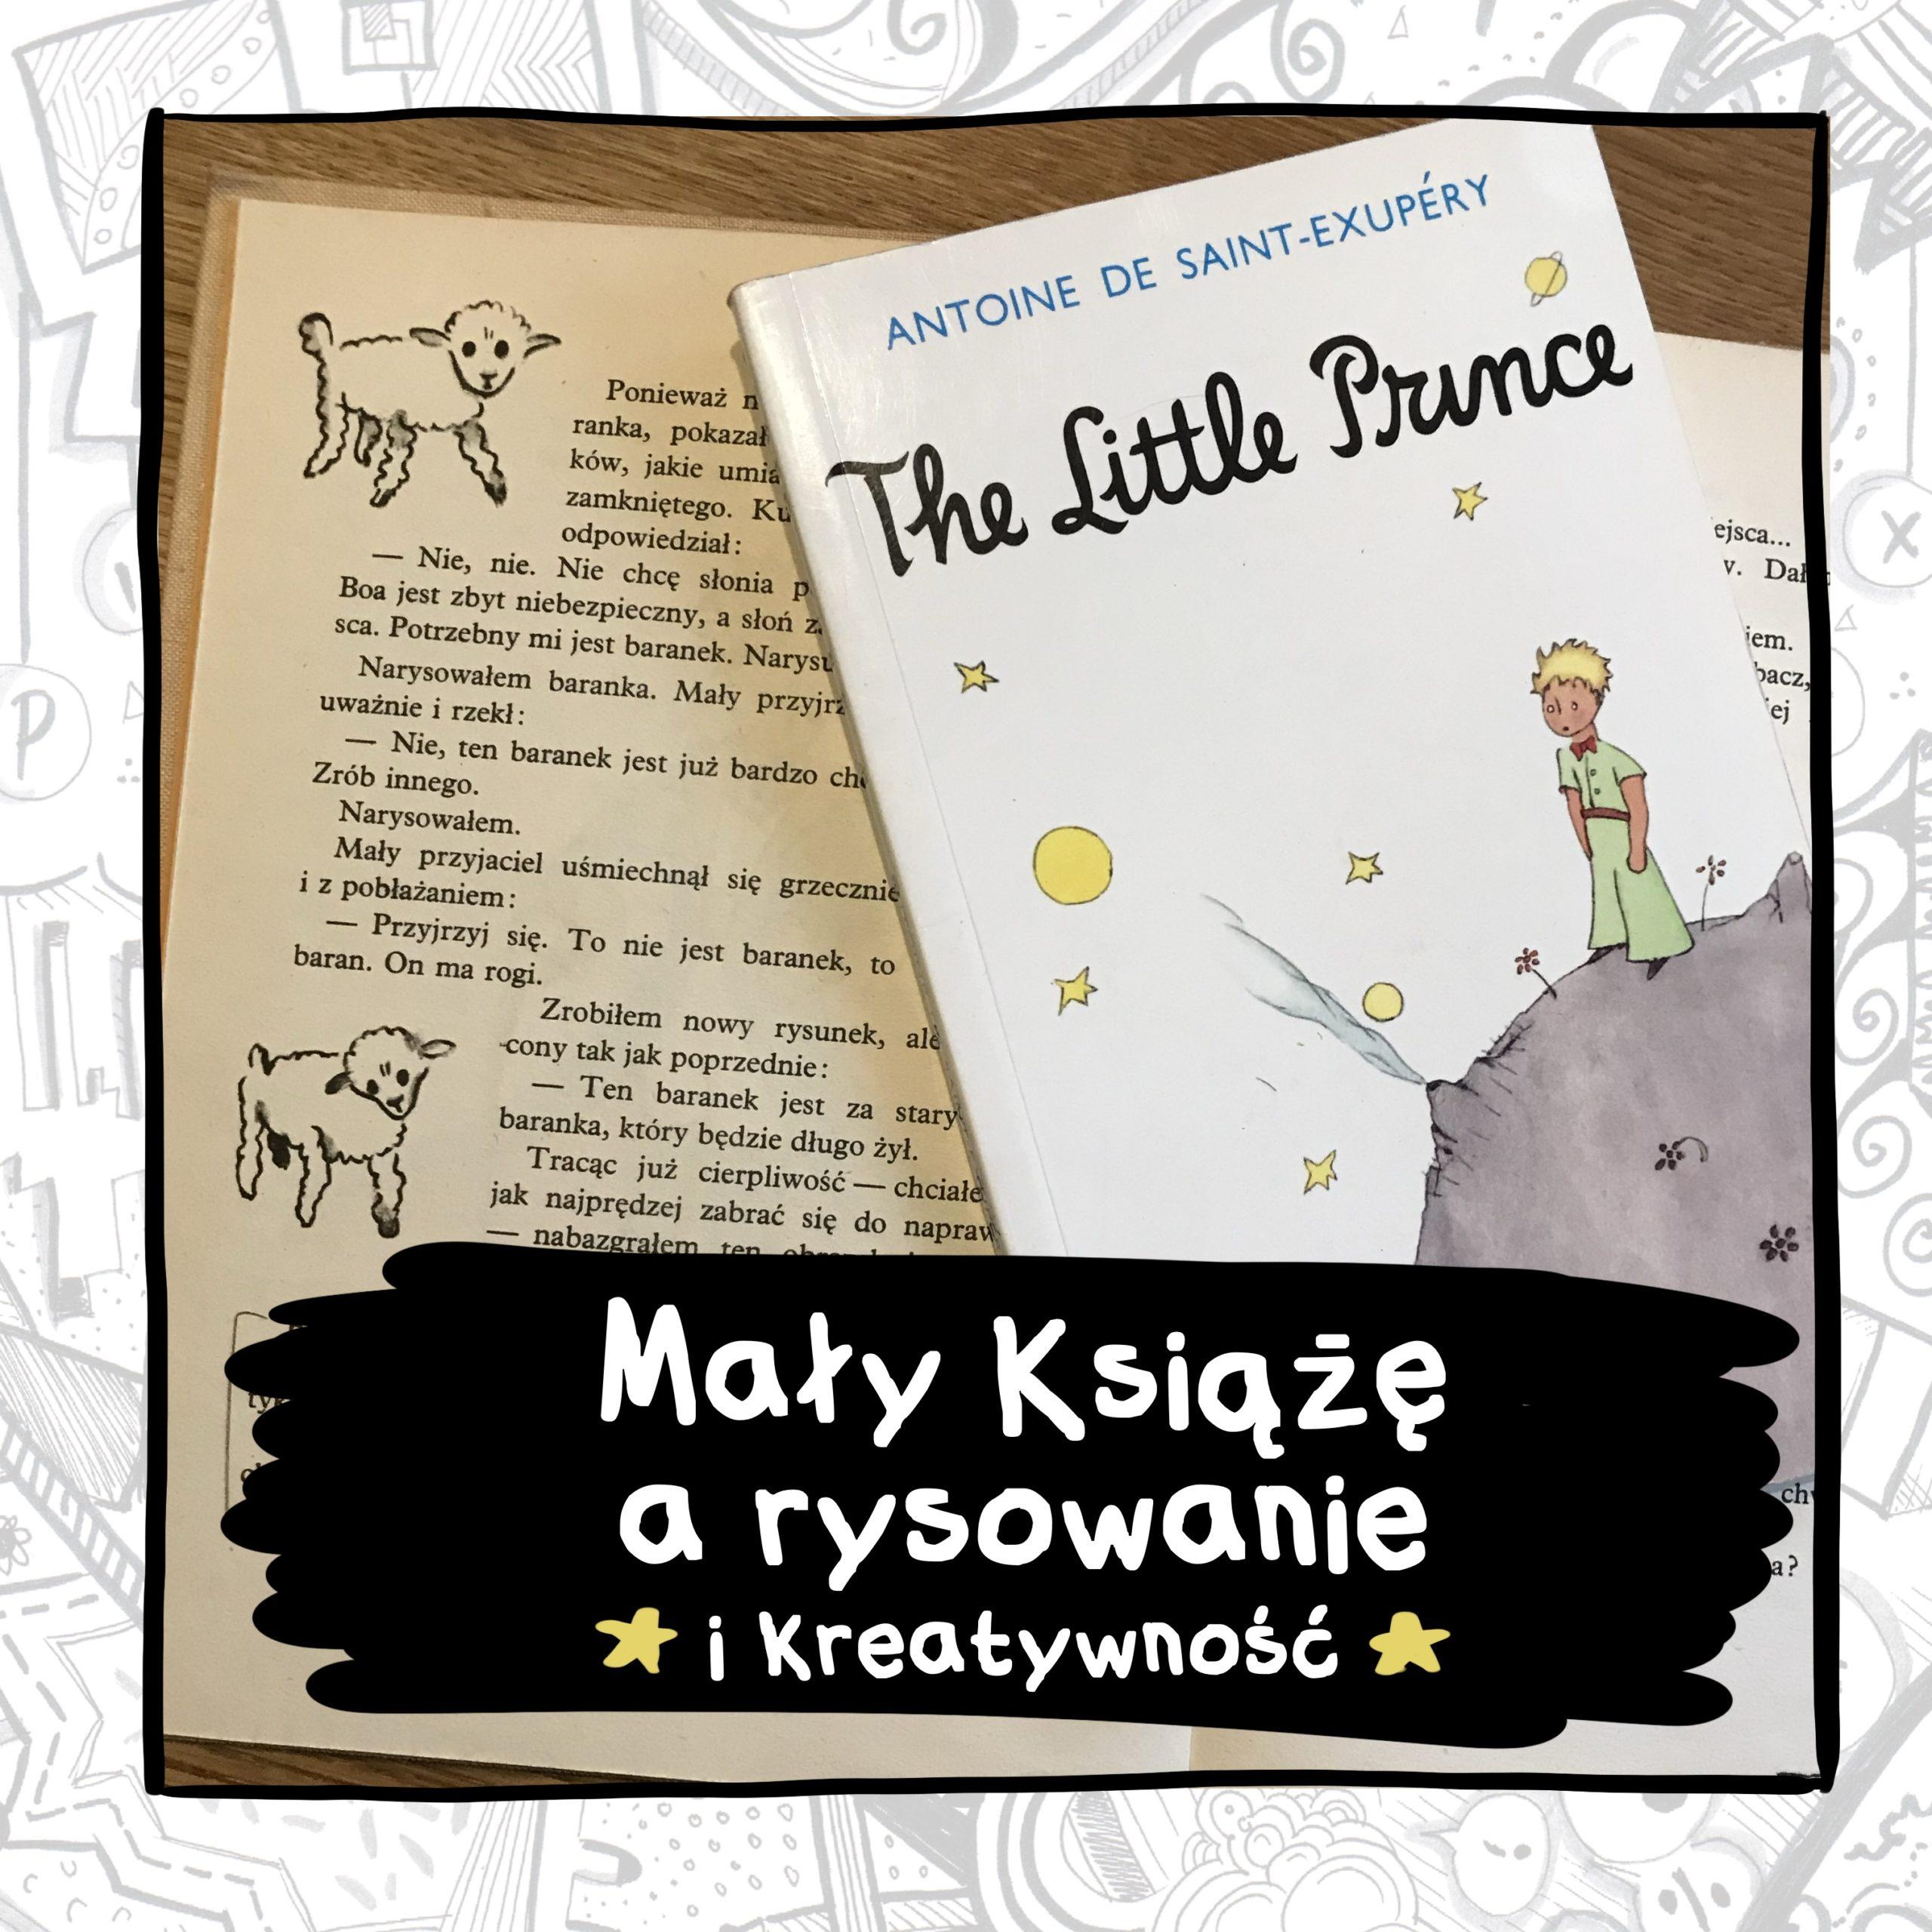 Czego uczy nas książka Mały Książę o rysowaniu i kreatywności?